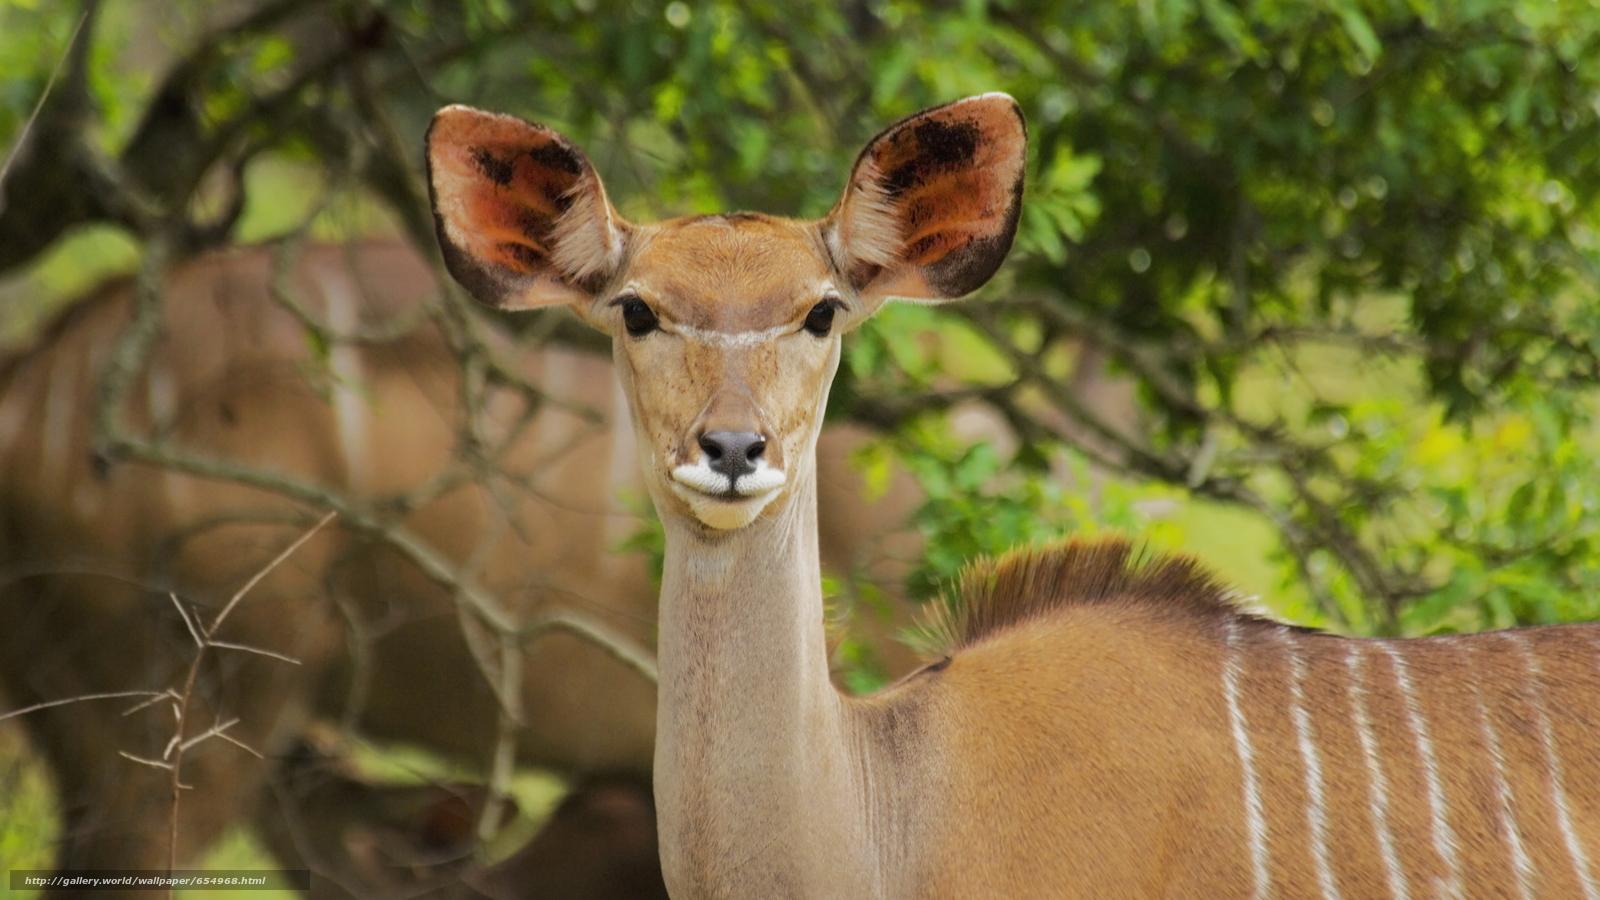 Скачать обои Африка,  африканские животные,  фотозарисовки натуралиста,  антилопа бесплатно для рабочего стола в разрешении 5619x3160 — картинка №654968